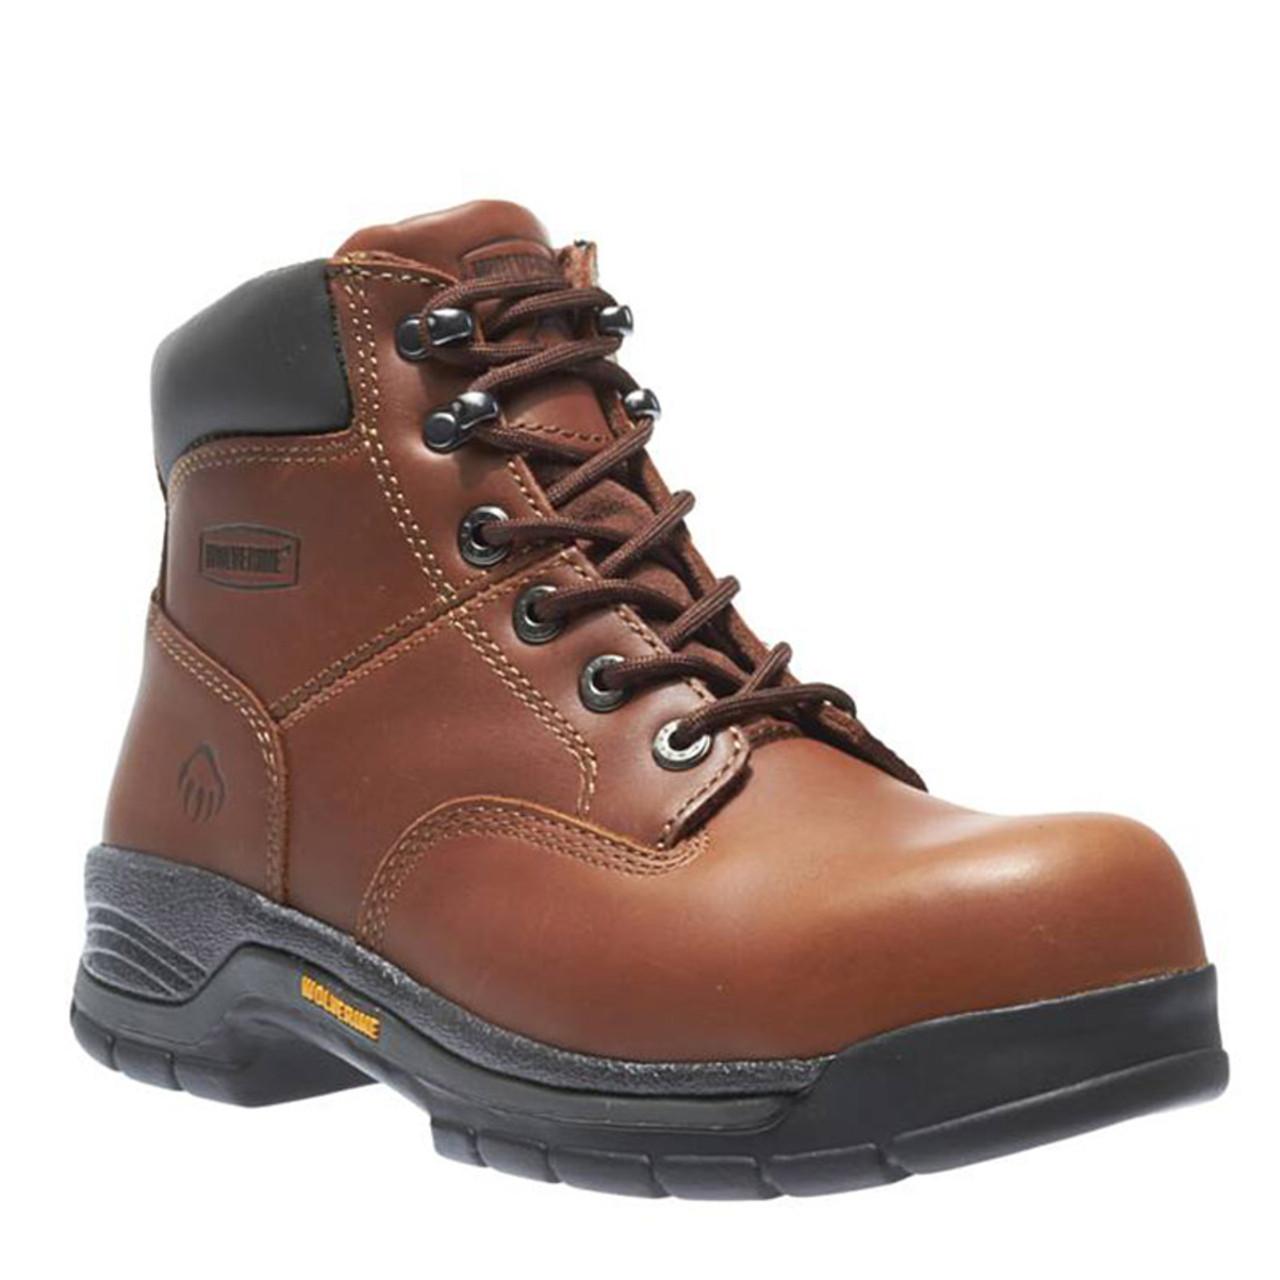 99ec7da8a09 Wolverine W04904 HARRISON Steel Toe Non-Insulated Oiled Work Boots